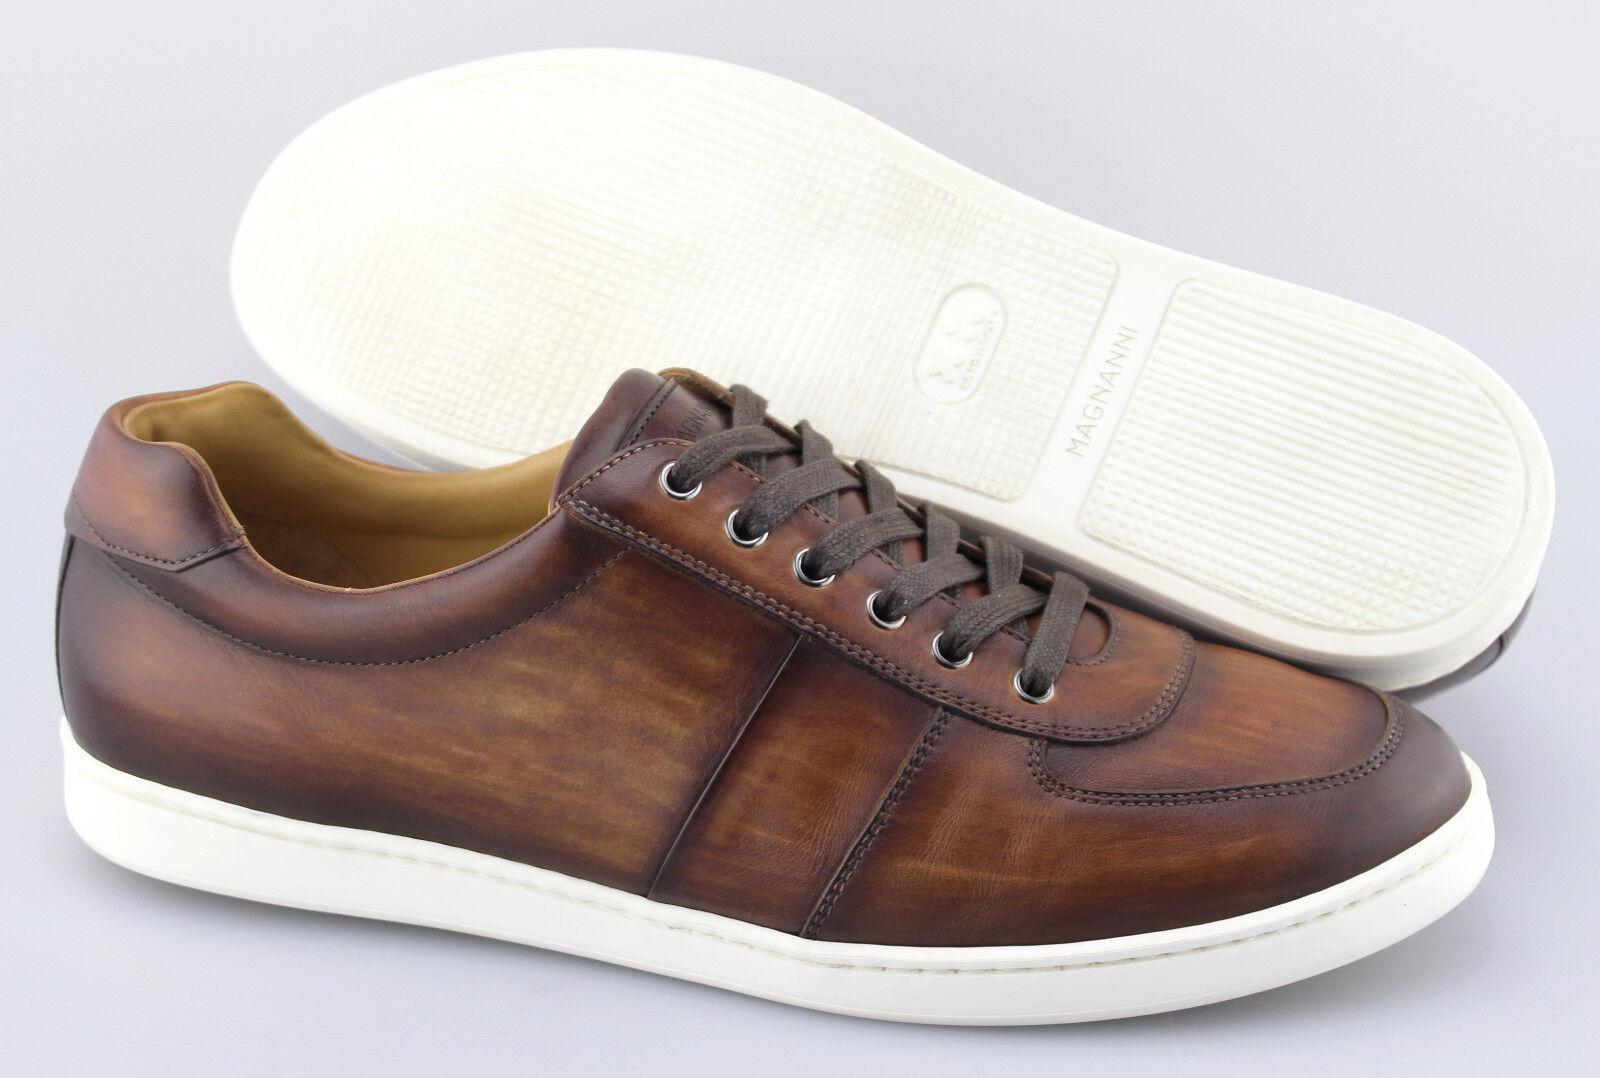 Men's MAGNANNI 'Franco' Cognac Brown Leather Sneakers Size US 10.5 - D